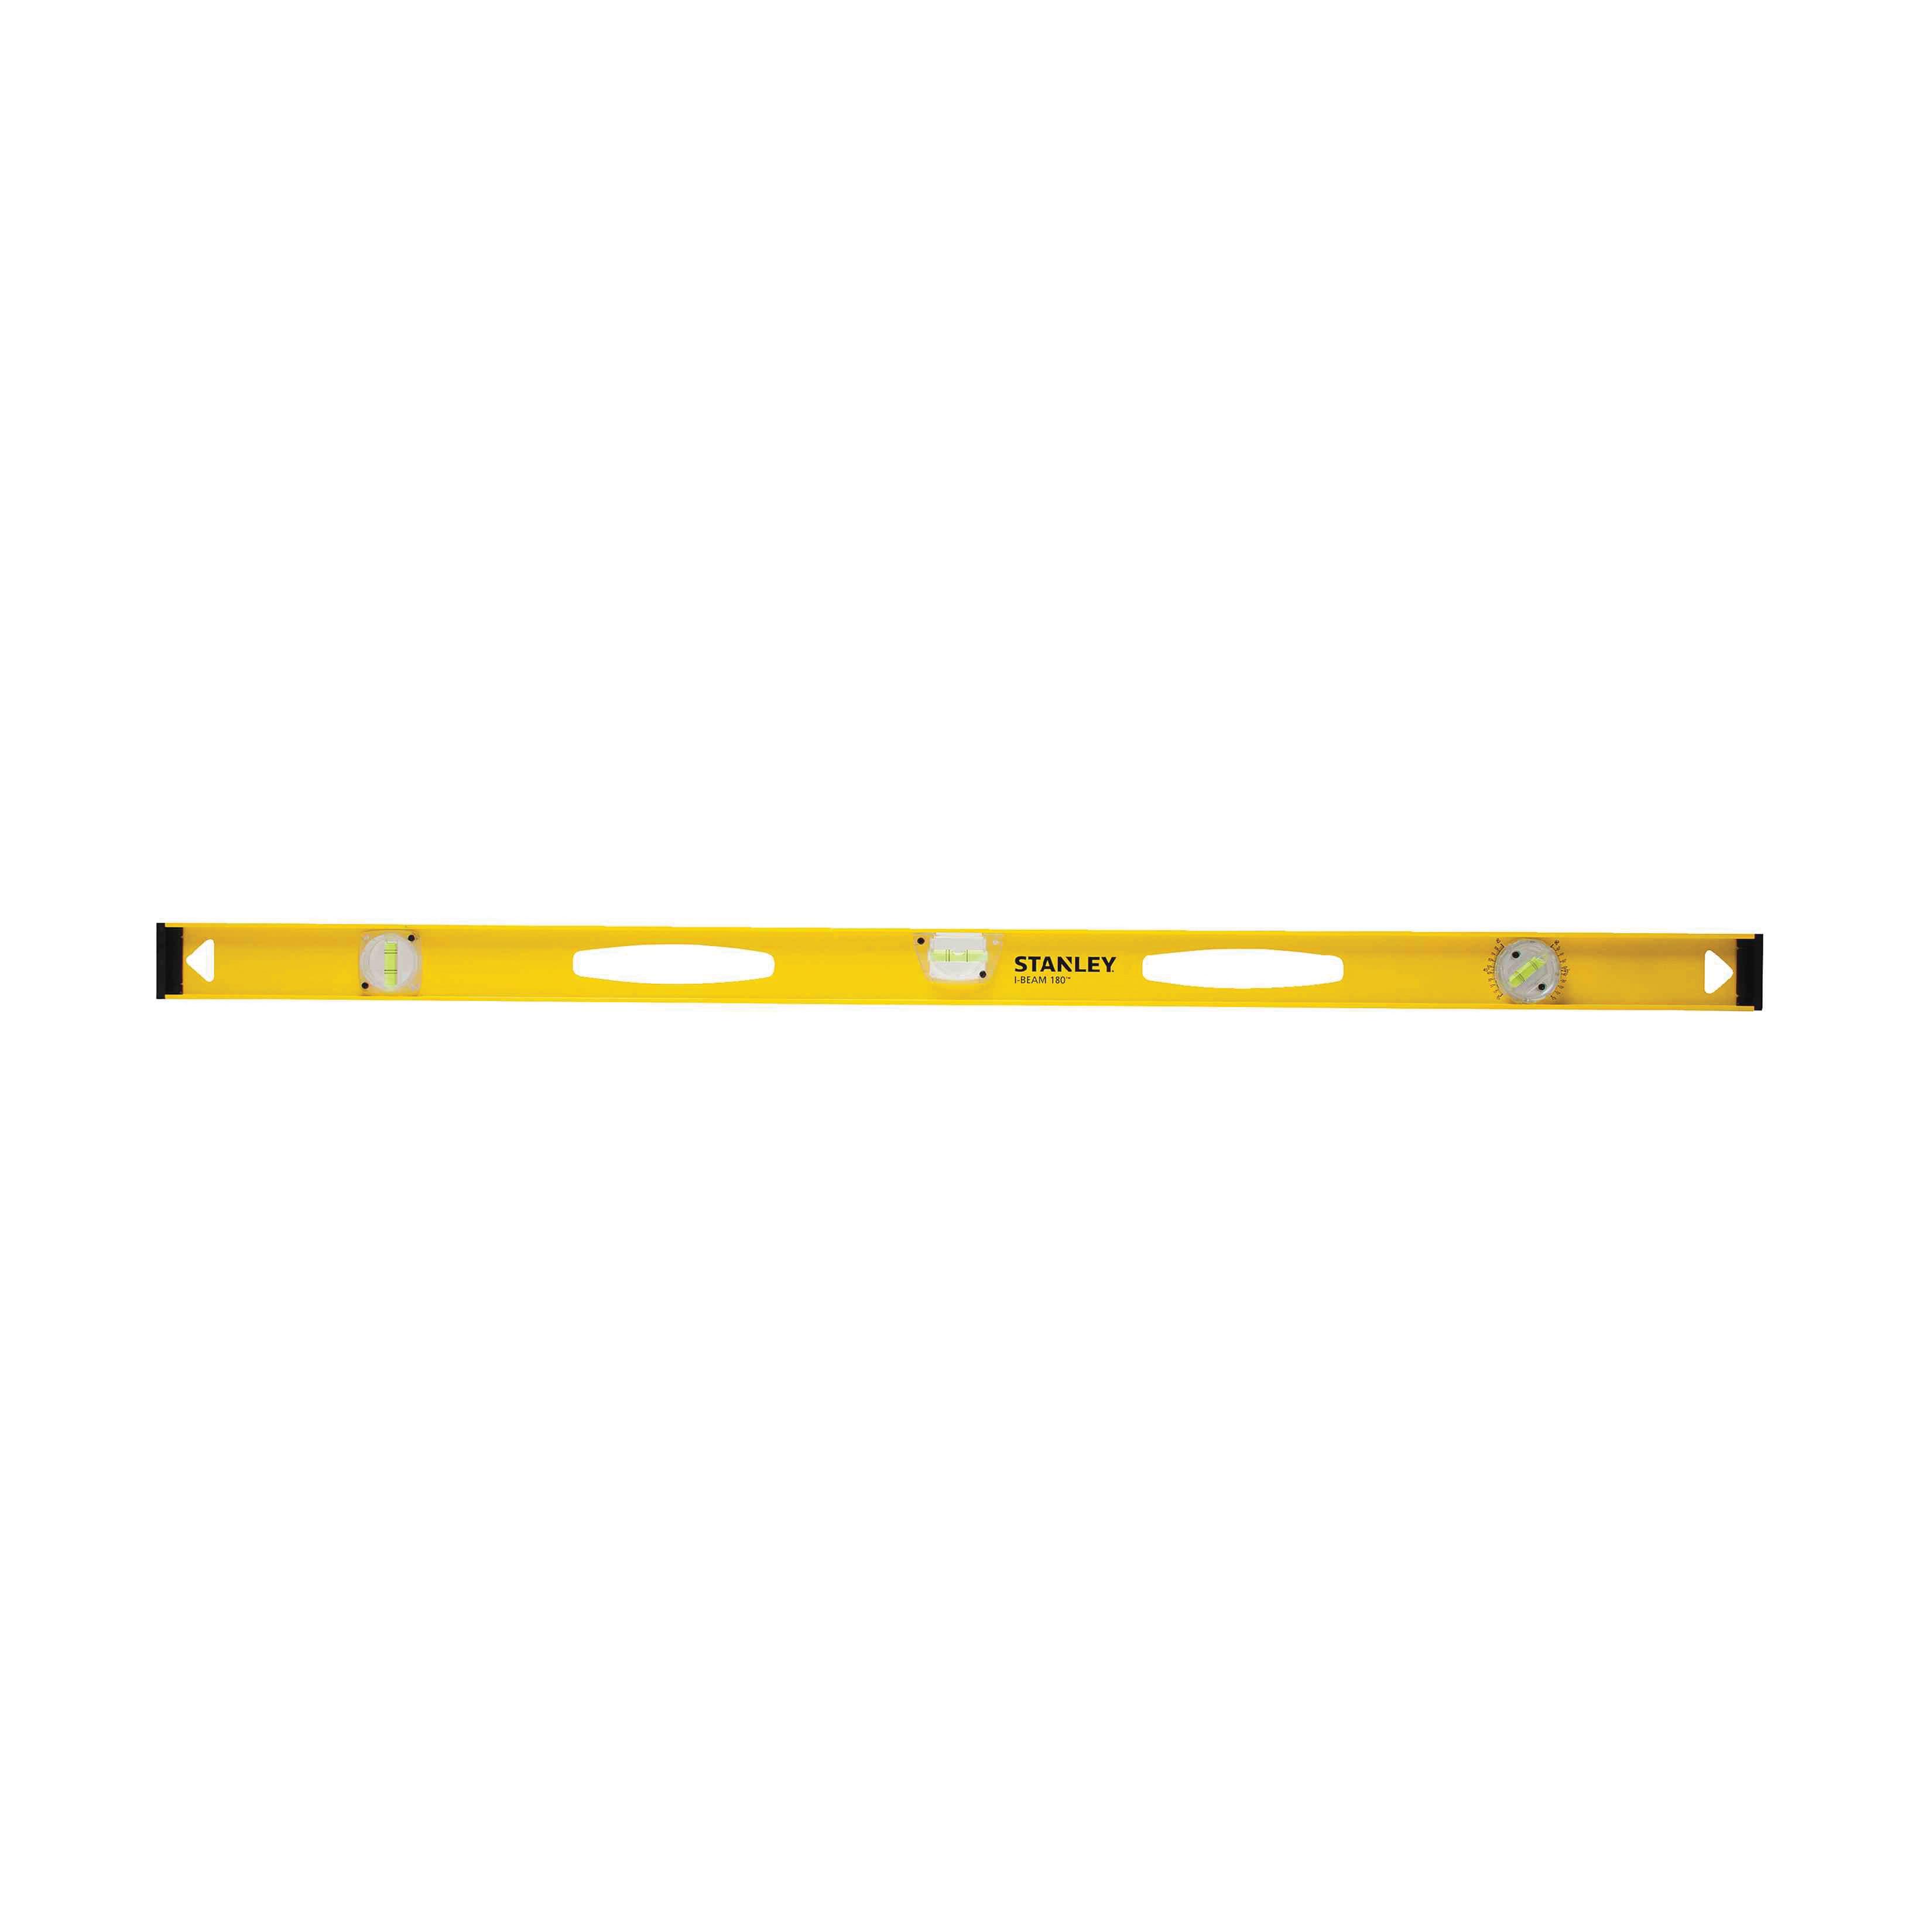 Stanley® 180™ 42-324 Heavy Duty Non-Magnetic Standard I-Beam Level, 24 in L, 3 Vials, (1) Level, (1) Plumb, (1) 180 deg Vial Position, 0.0015 in, Aluminum